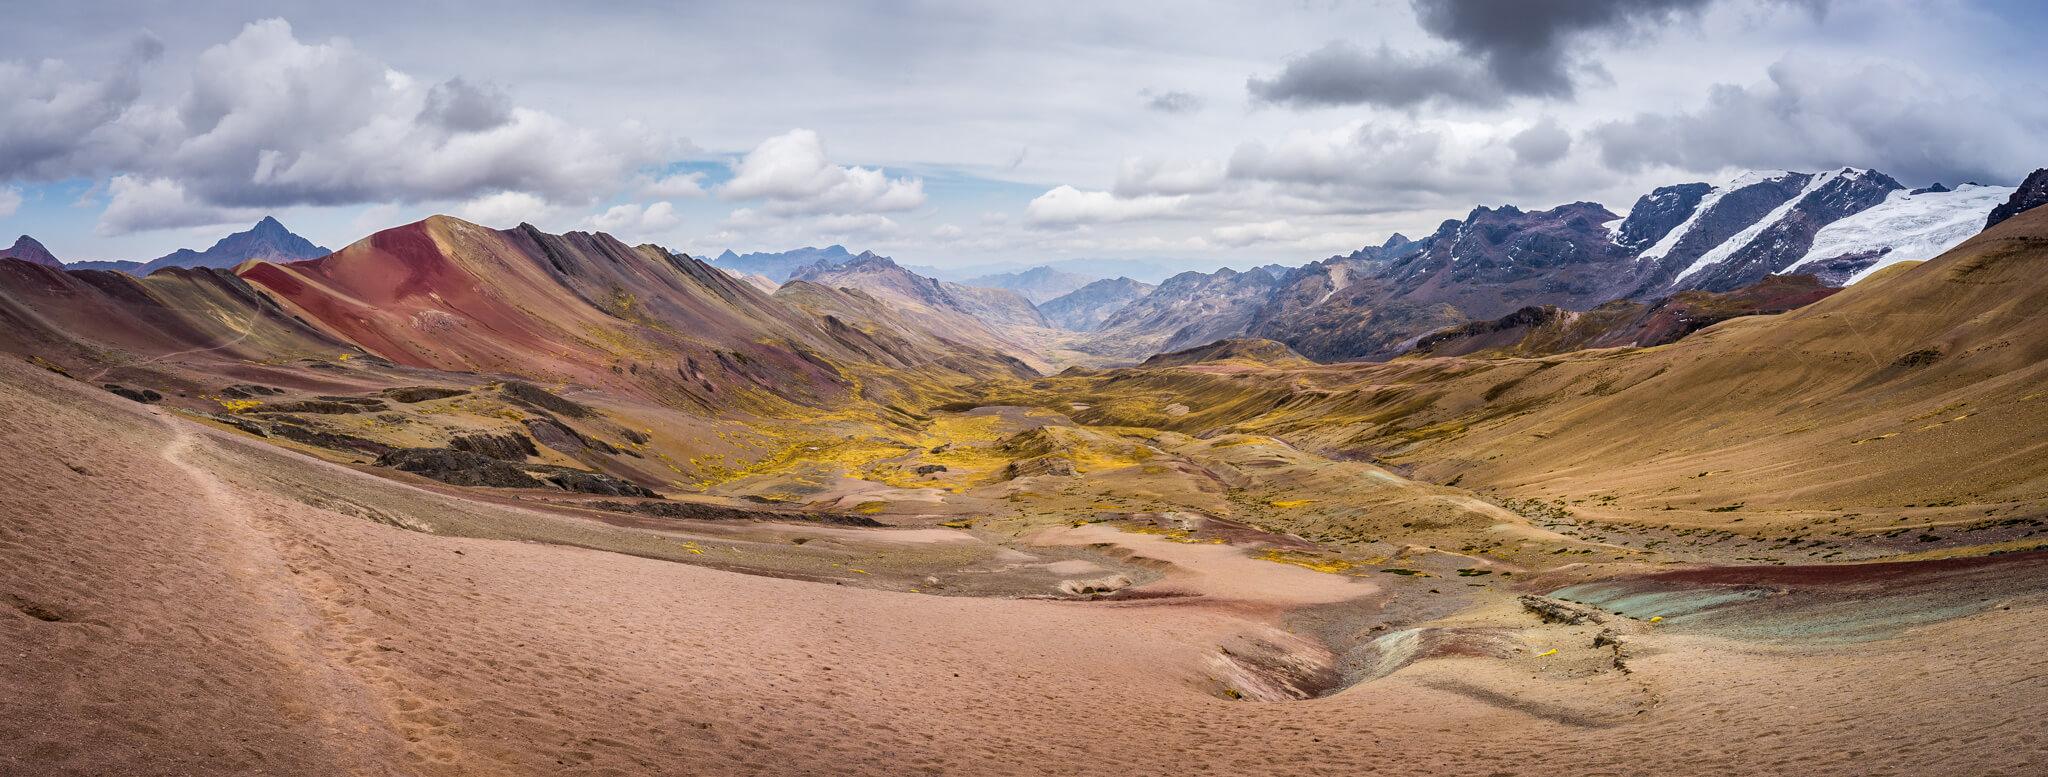 Panorama montagnes colorées Pérou